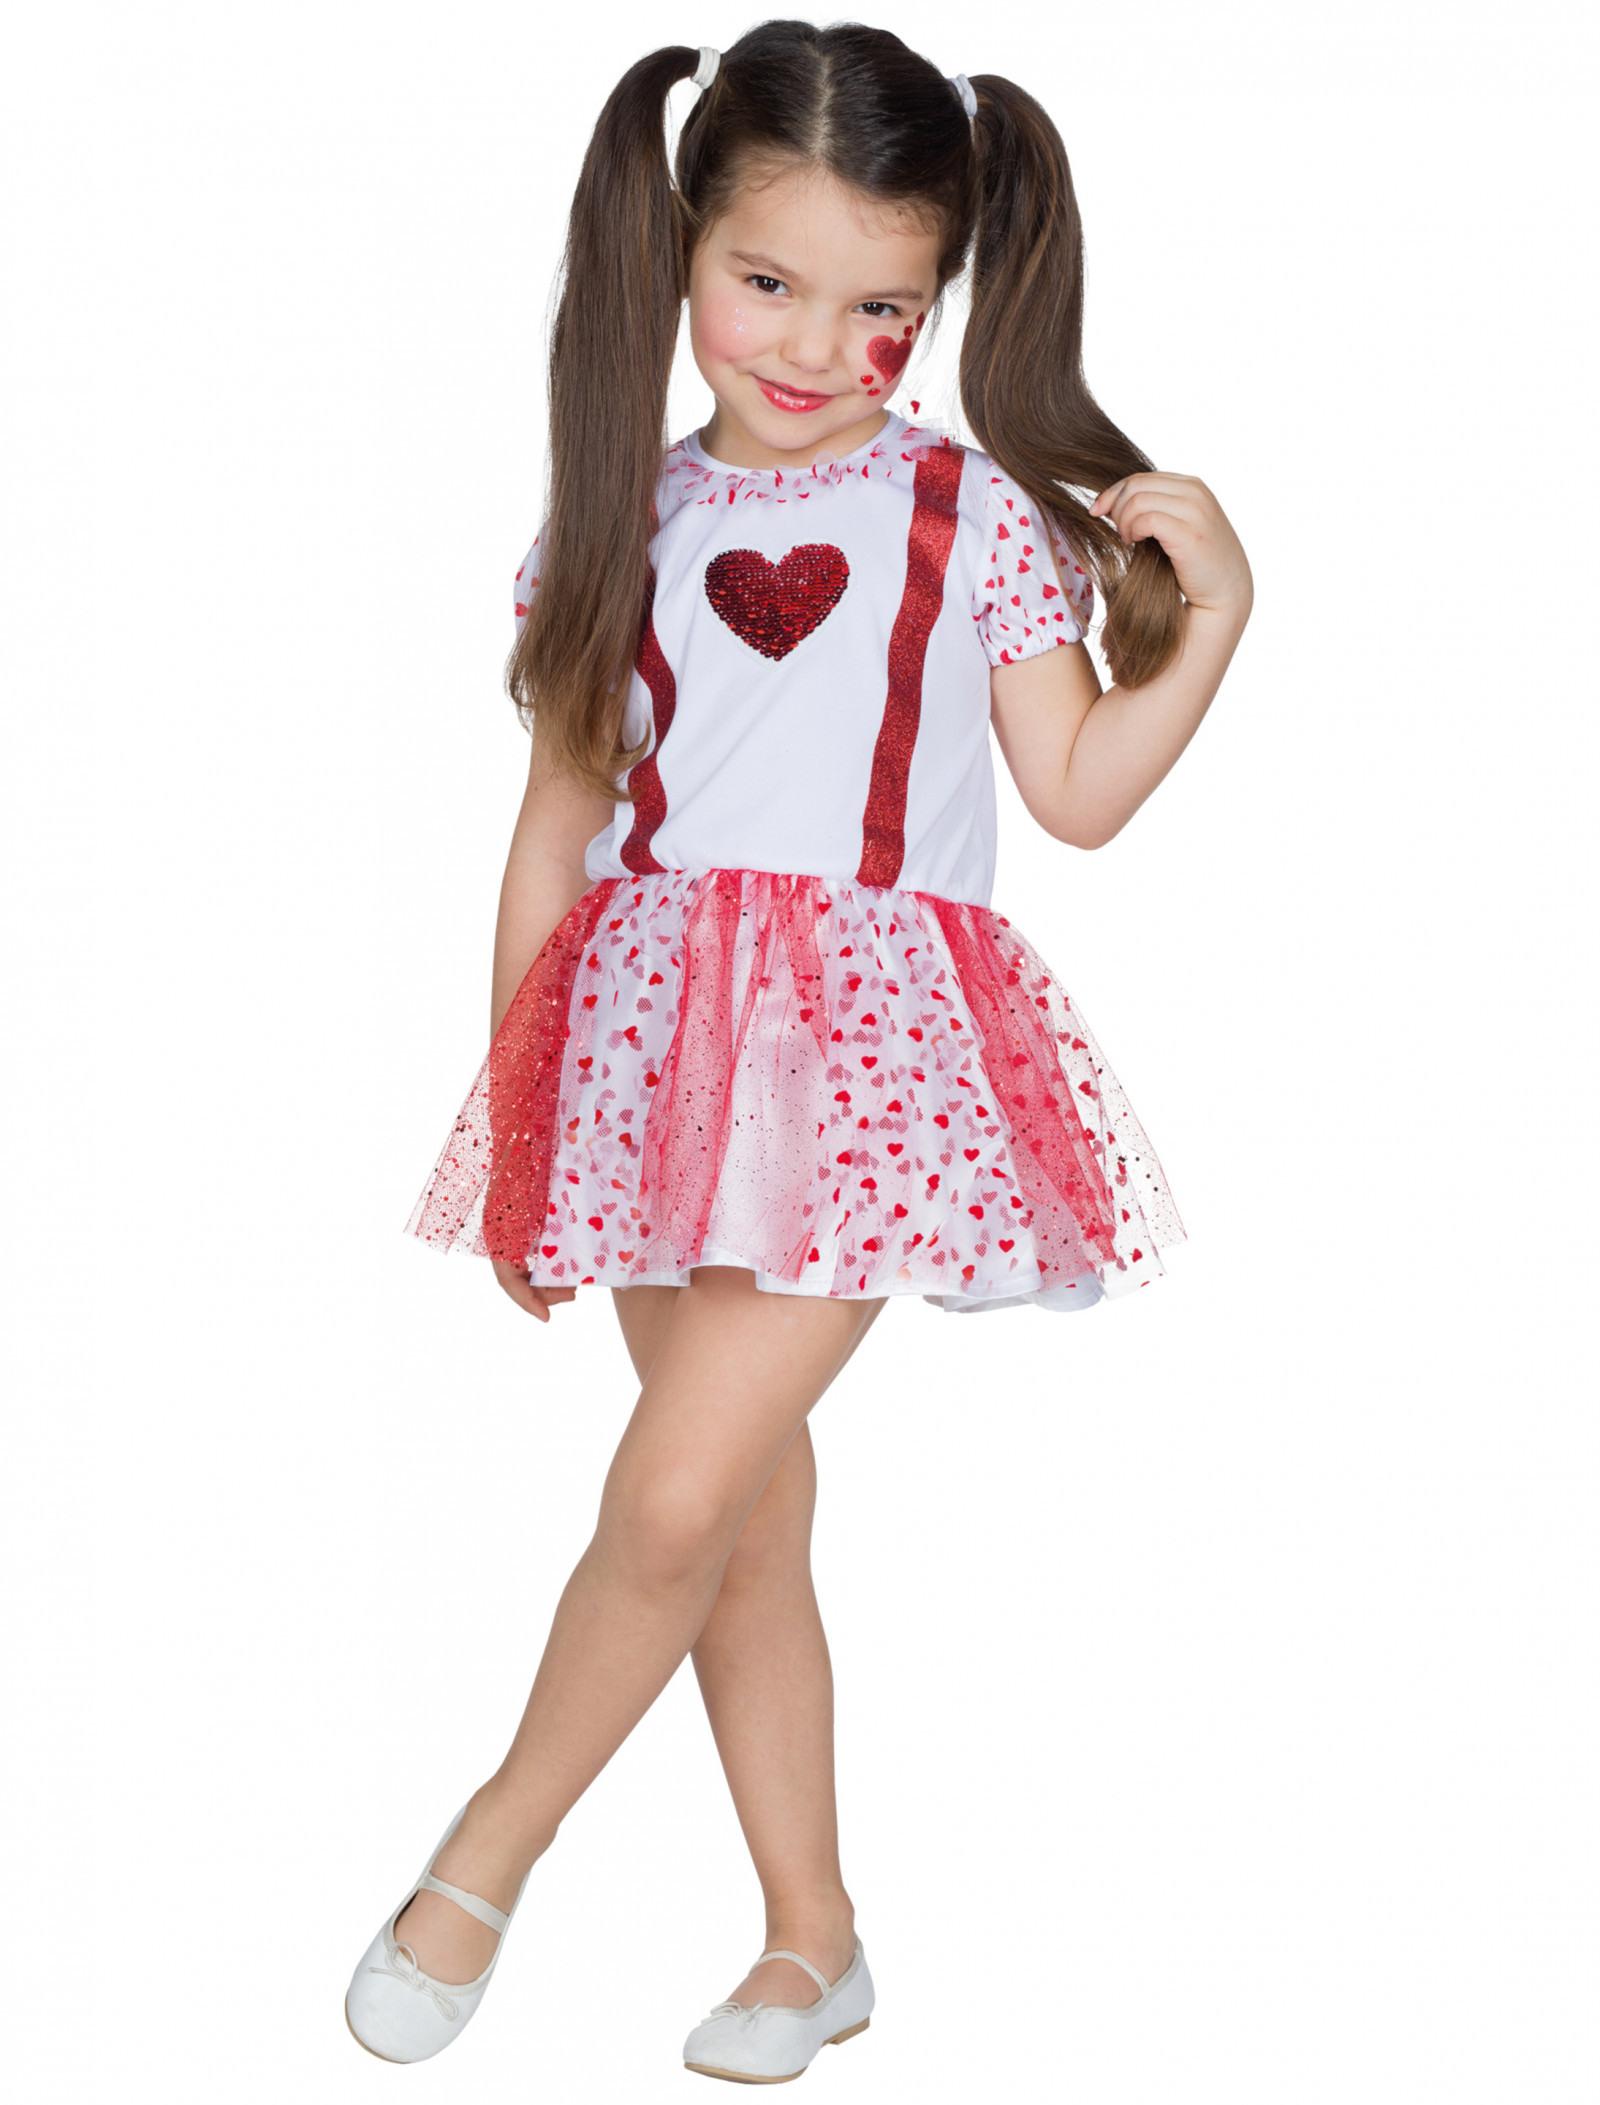 Kleid Herzchen Kinder Rot/Weiß Hier Kaufen » Deiters